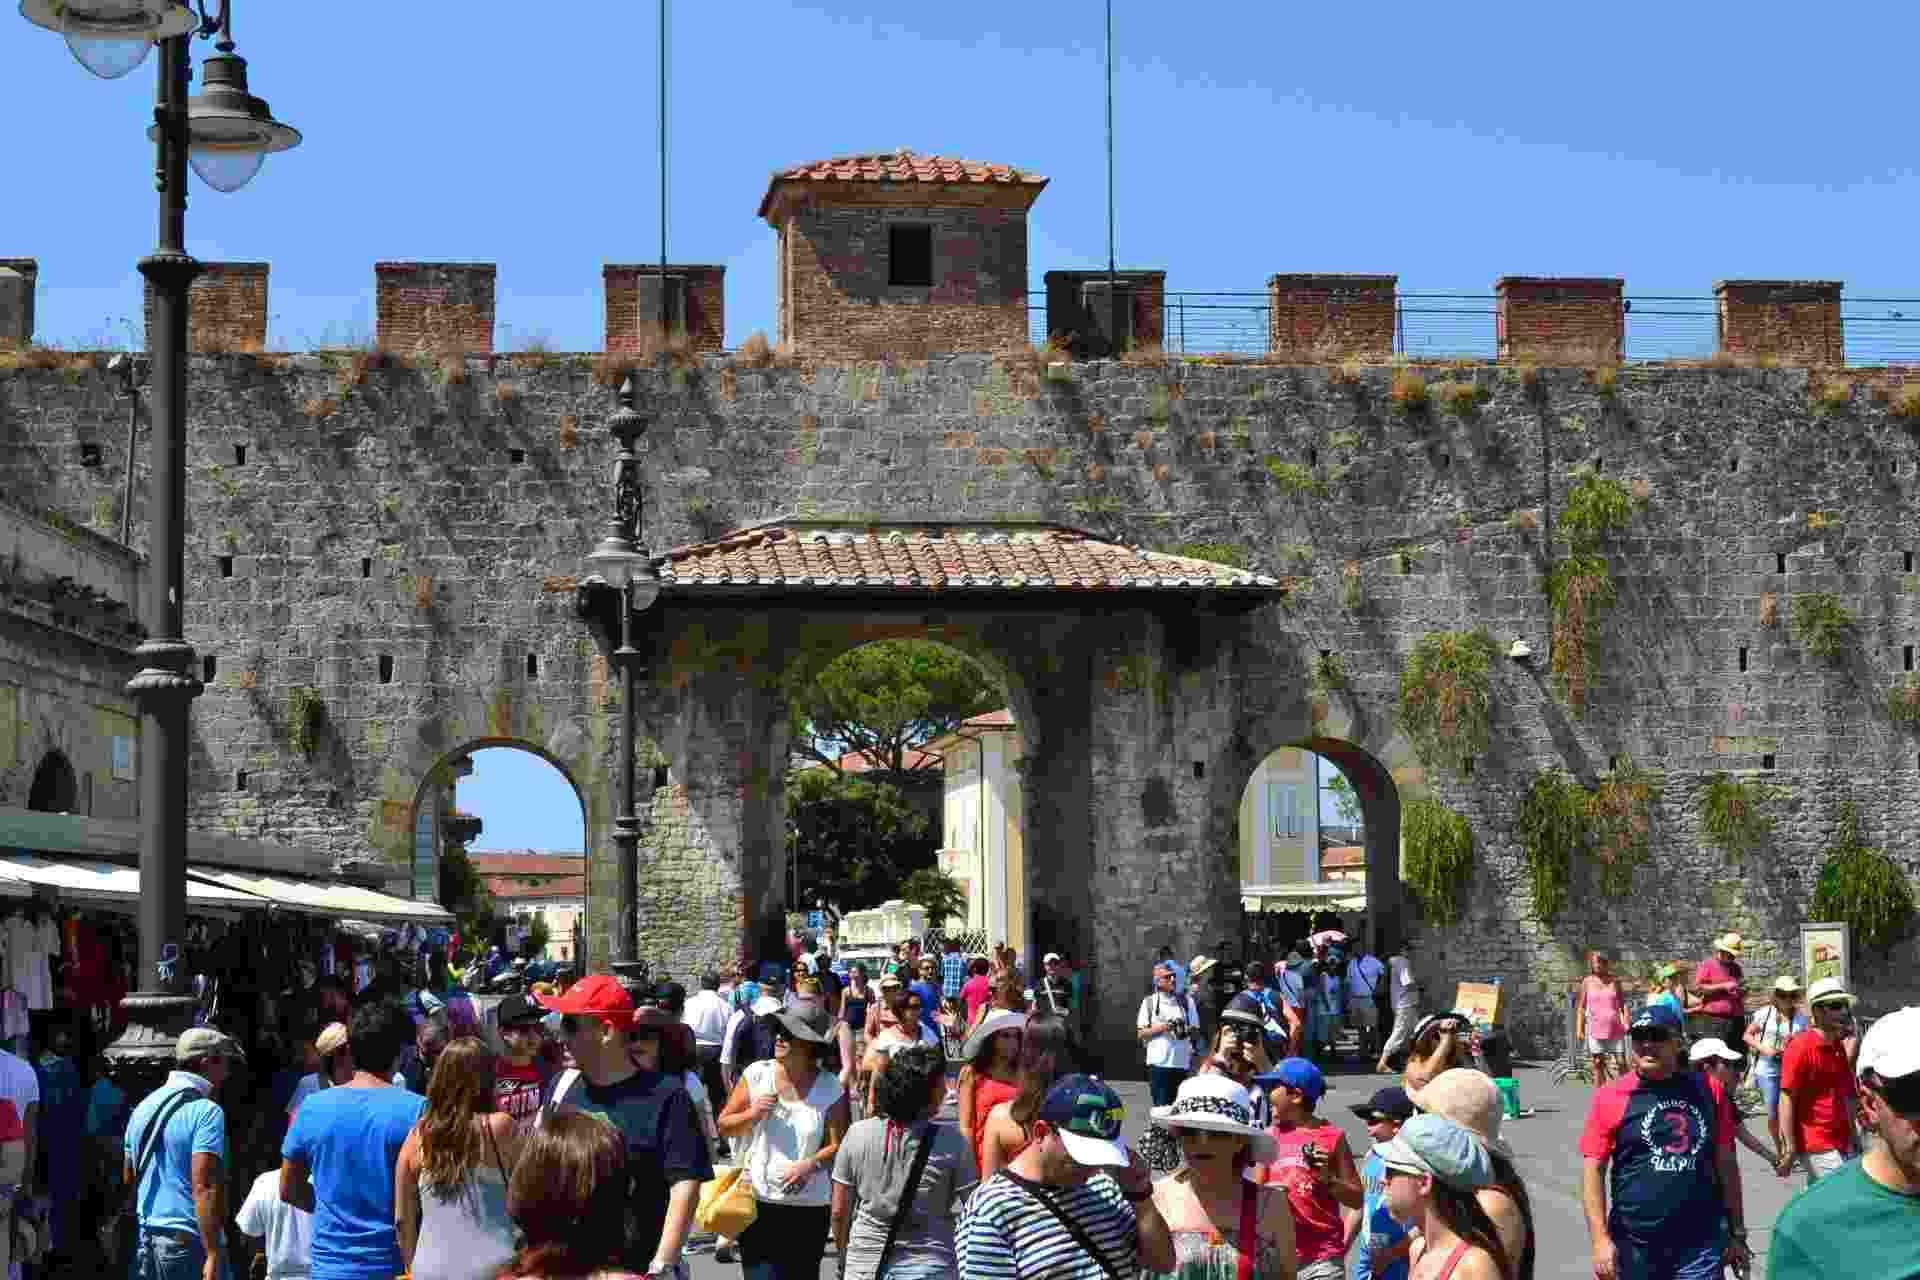 Centenas de turistas dirigem-se à Piazza dei Miracoli, que concentra as principais atrações de Pisa: o Batistério, o Duomo e a famosa Torre - Alfredo Santucci/UOL